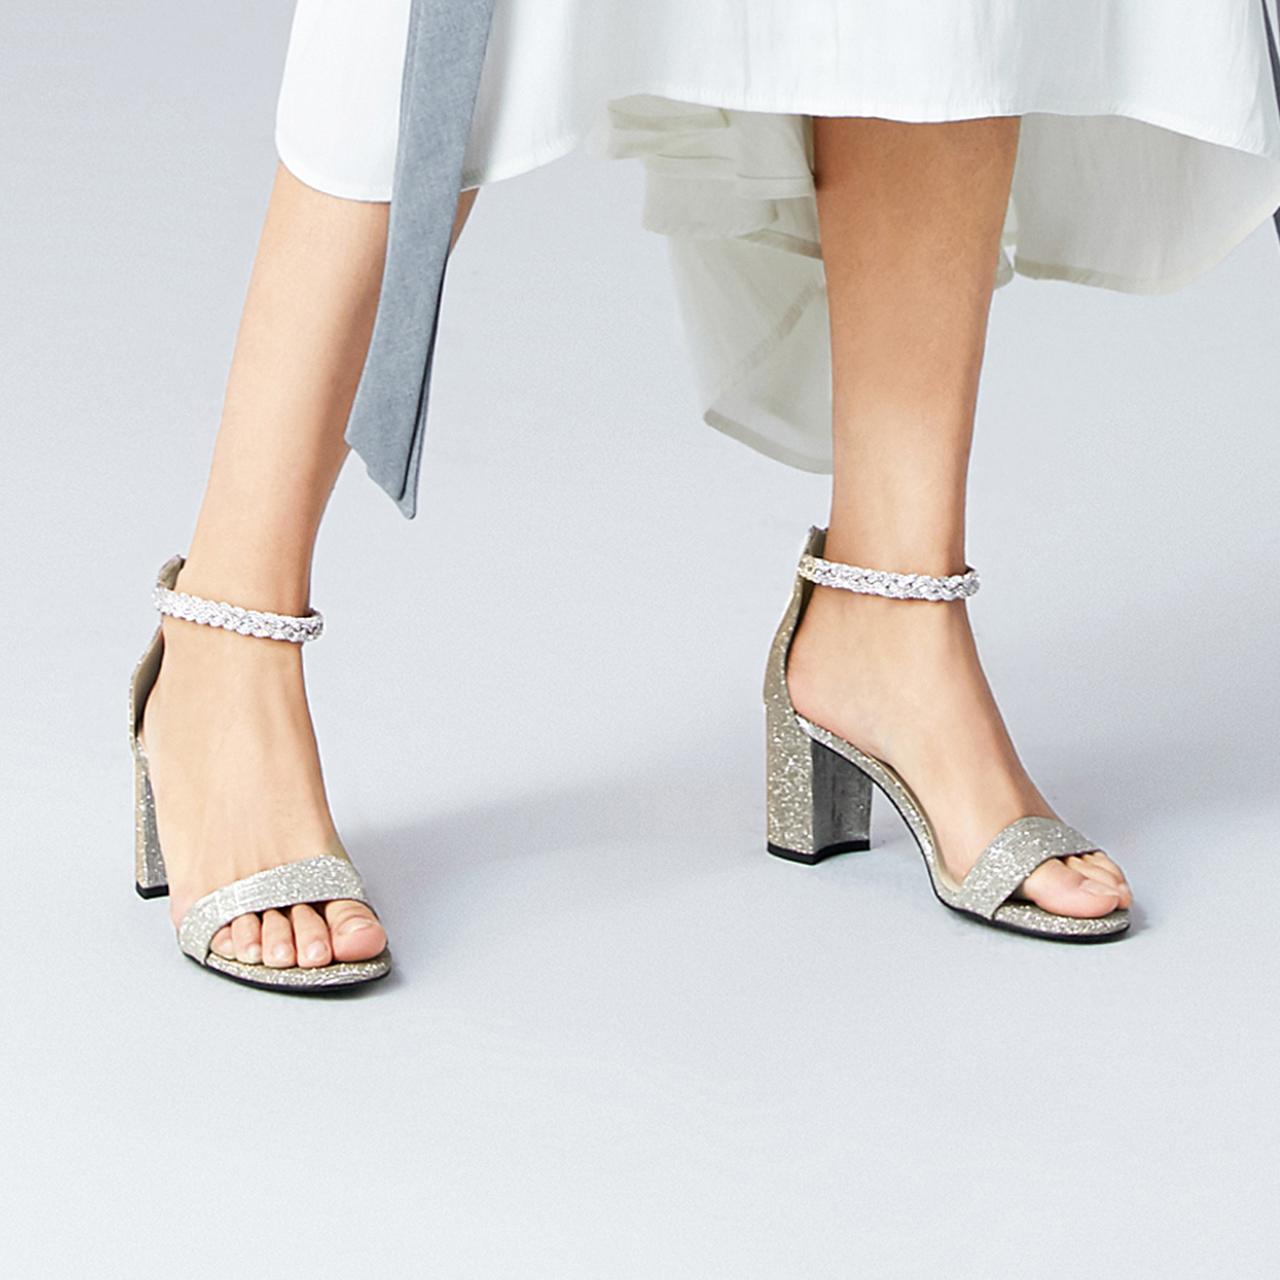 聚 BPFJ1BL0 夏商场新款幻彩亮片粗跟凉鞋 2020 百丽仙女一字带凉鞋女